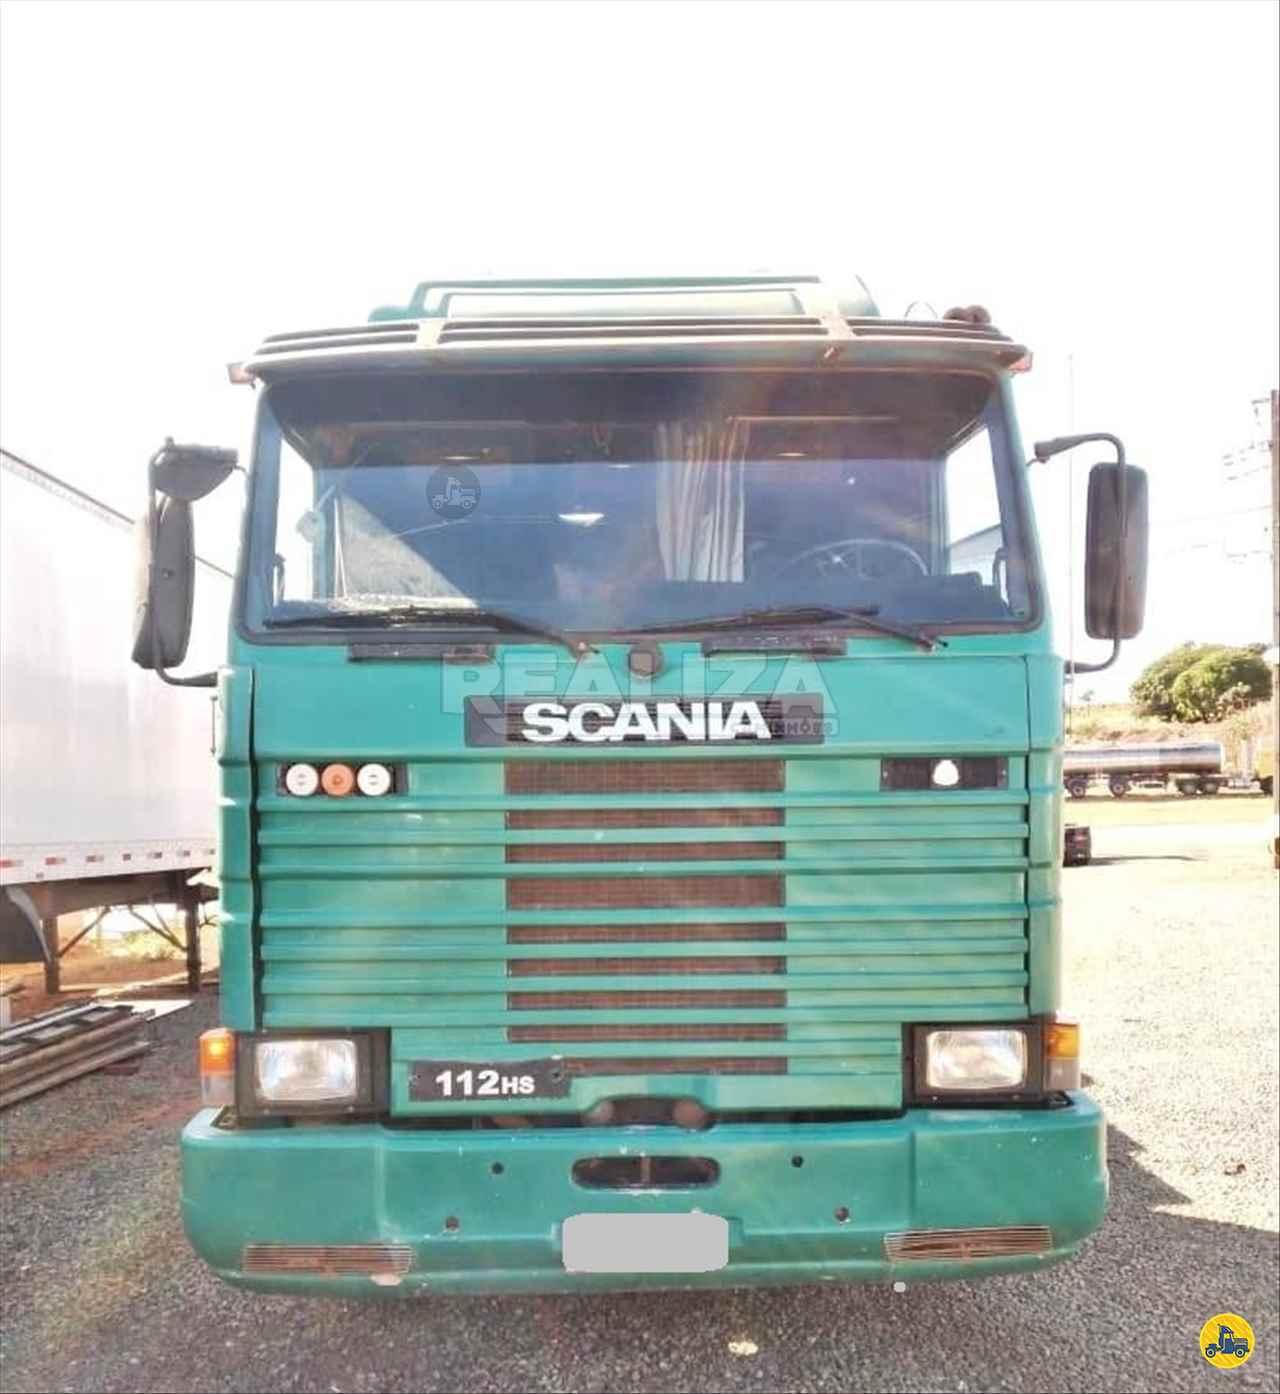 CAMINHAO SCANIA SCANIA 112 360 Cavalo Mecânico Truck 6x2 Realiza Caminhões - Umuarama UMUARAMA PARANÁ PR